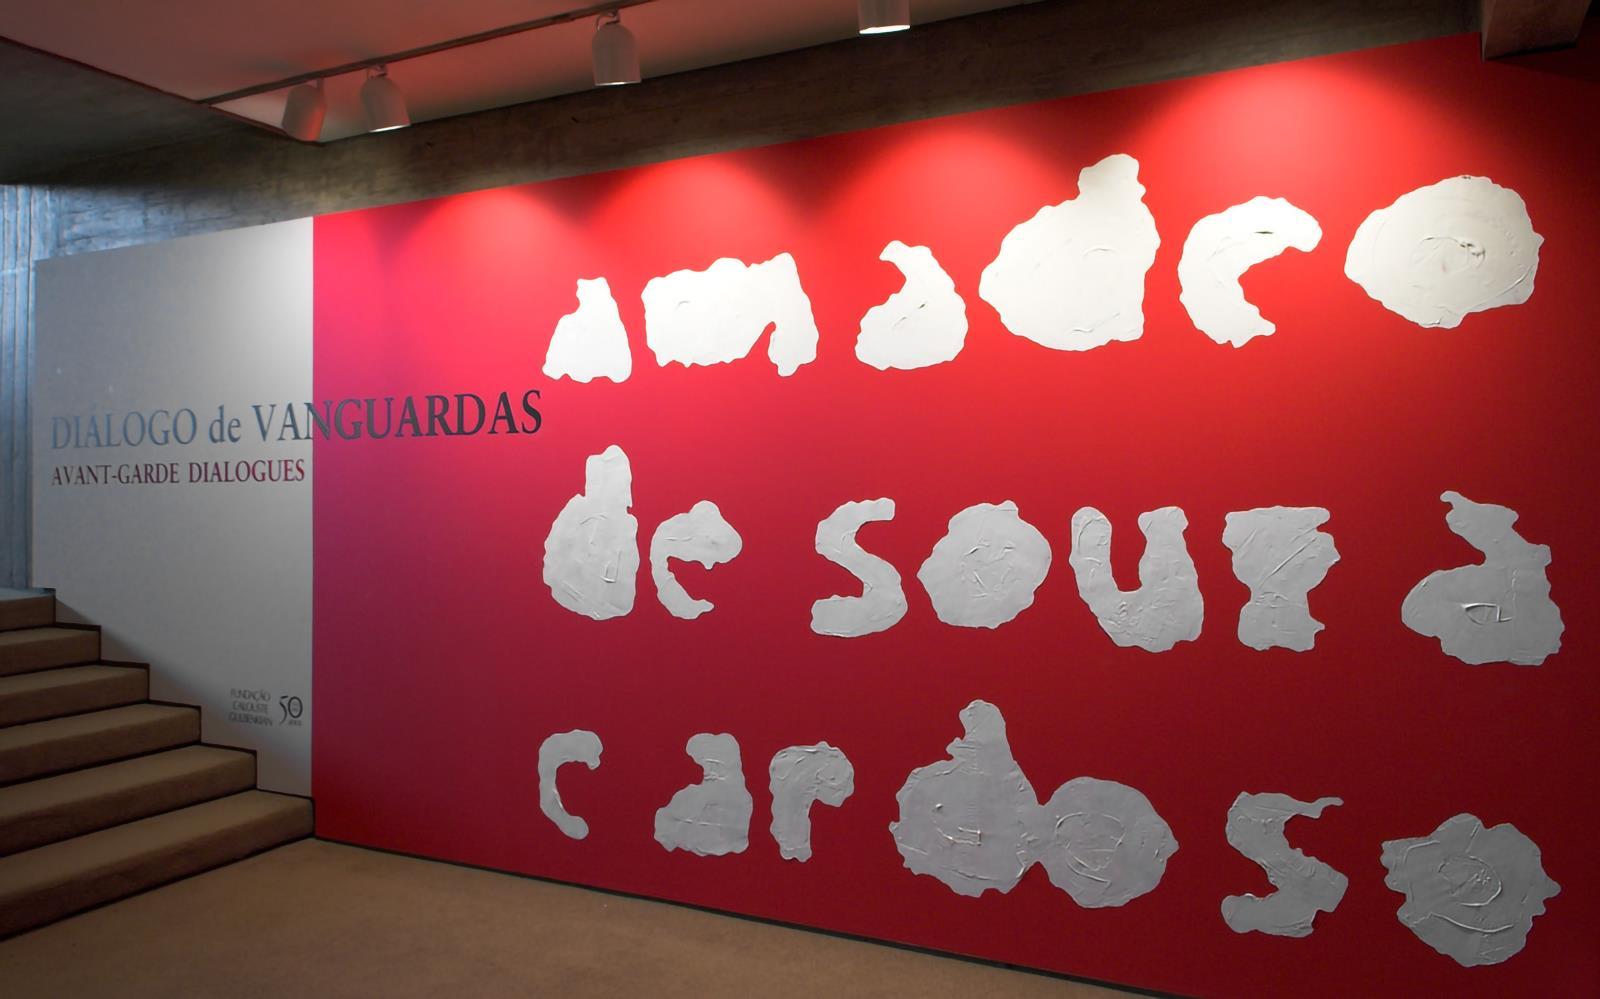 Amadeo de Souza-Cardoso. Diálogo de Vanguardas